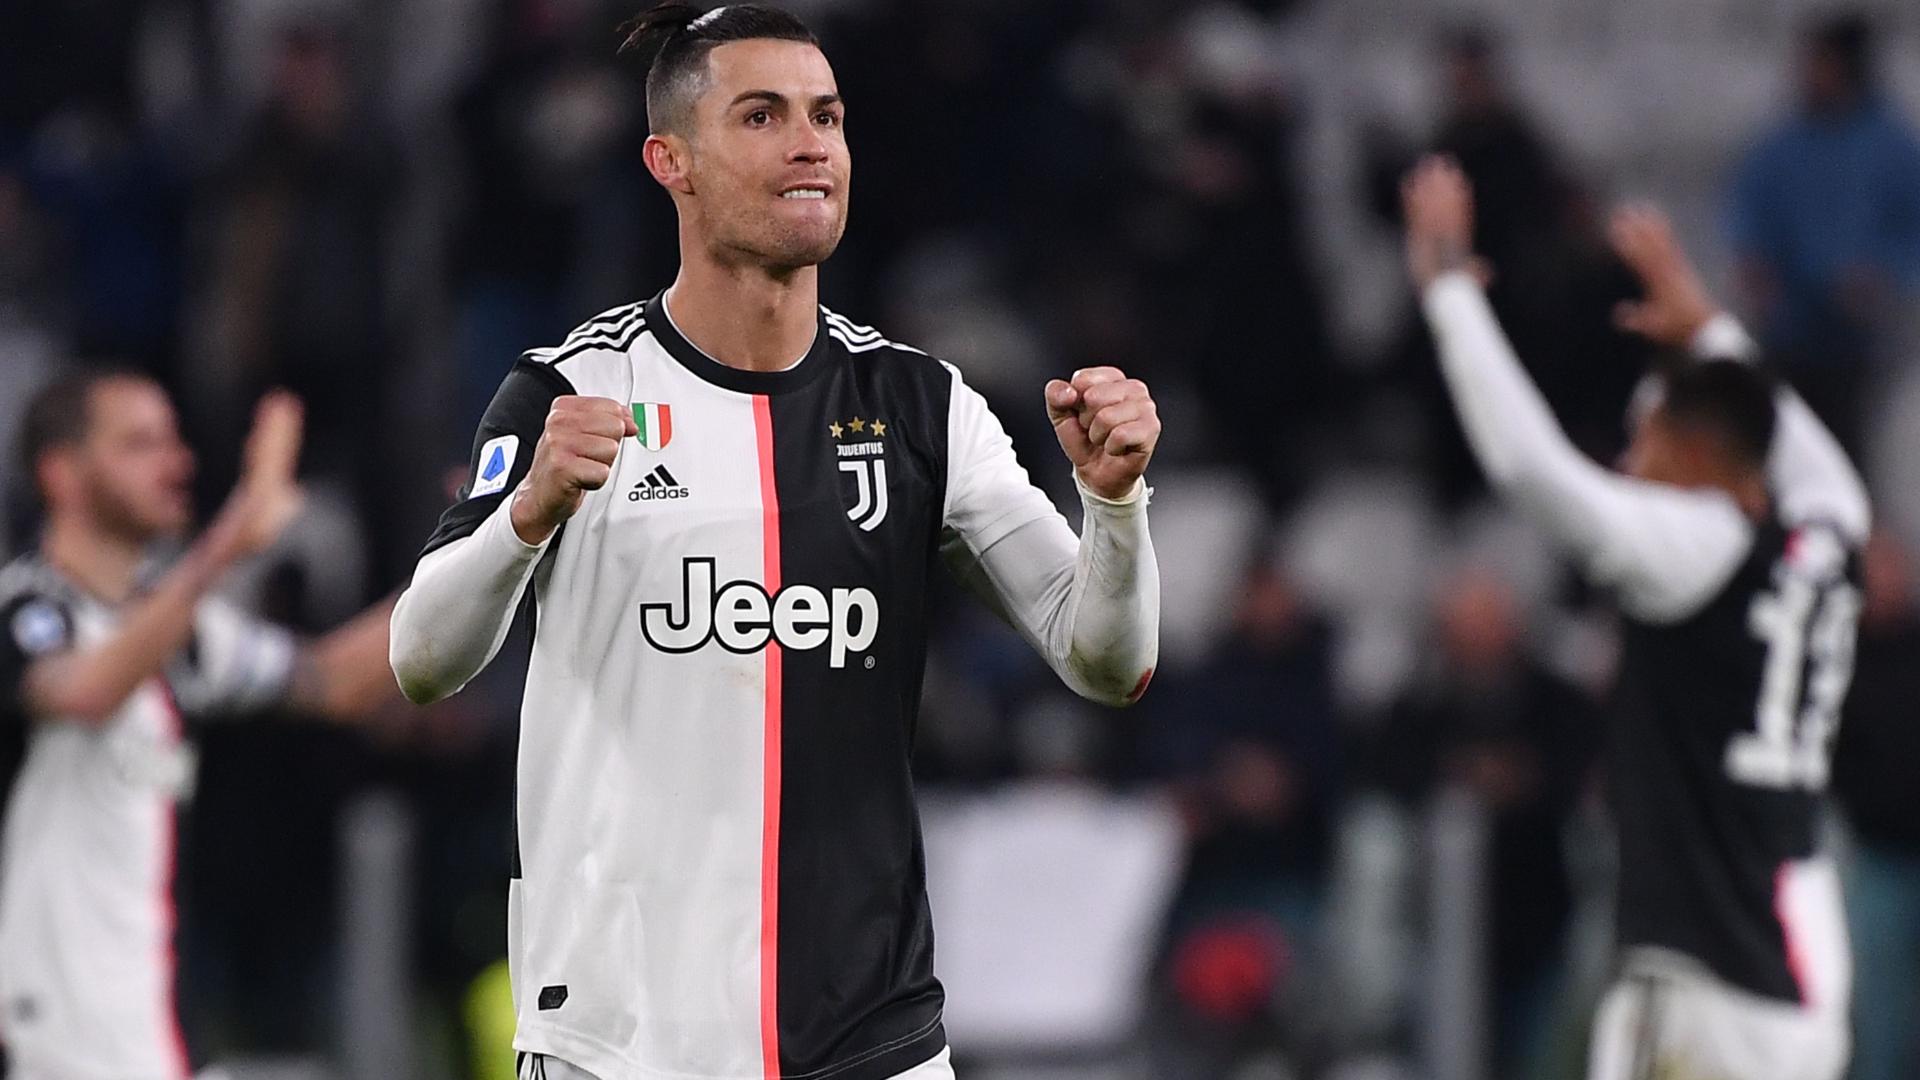 Историческо постижение за Роналдо след силния му мач срещу Лацио 1